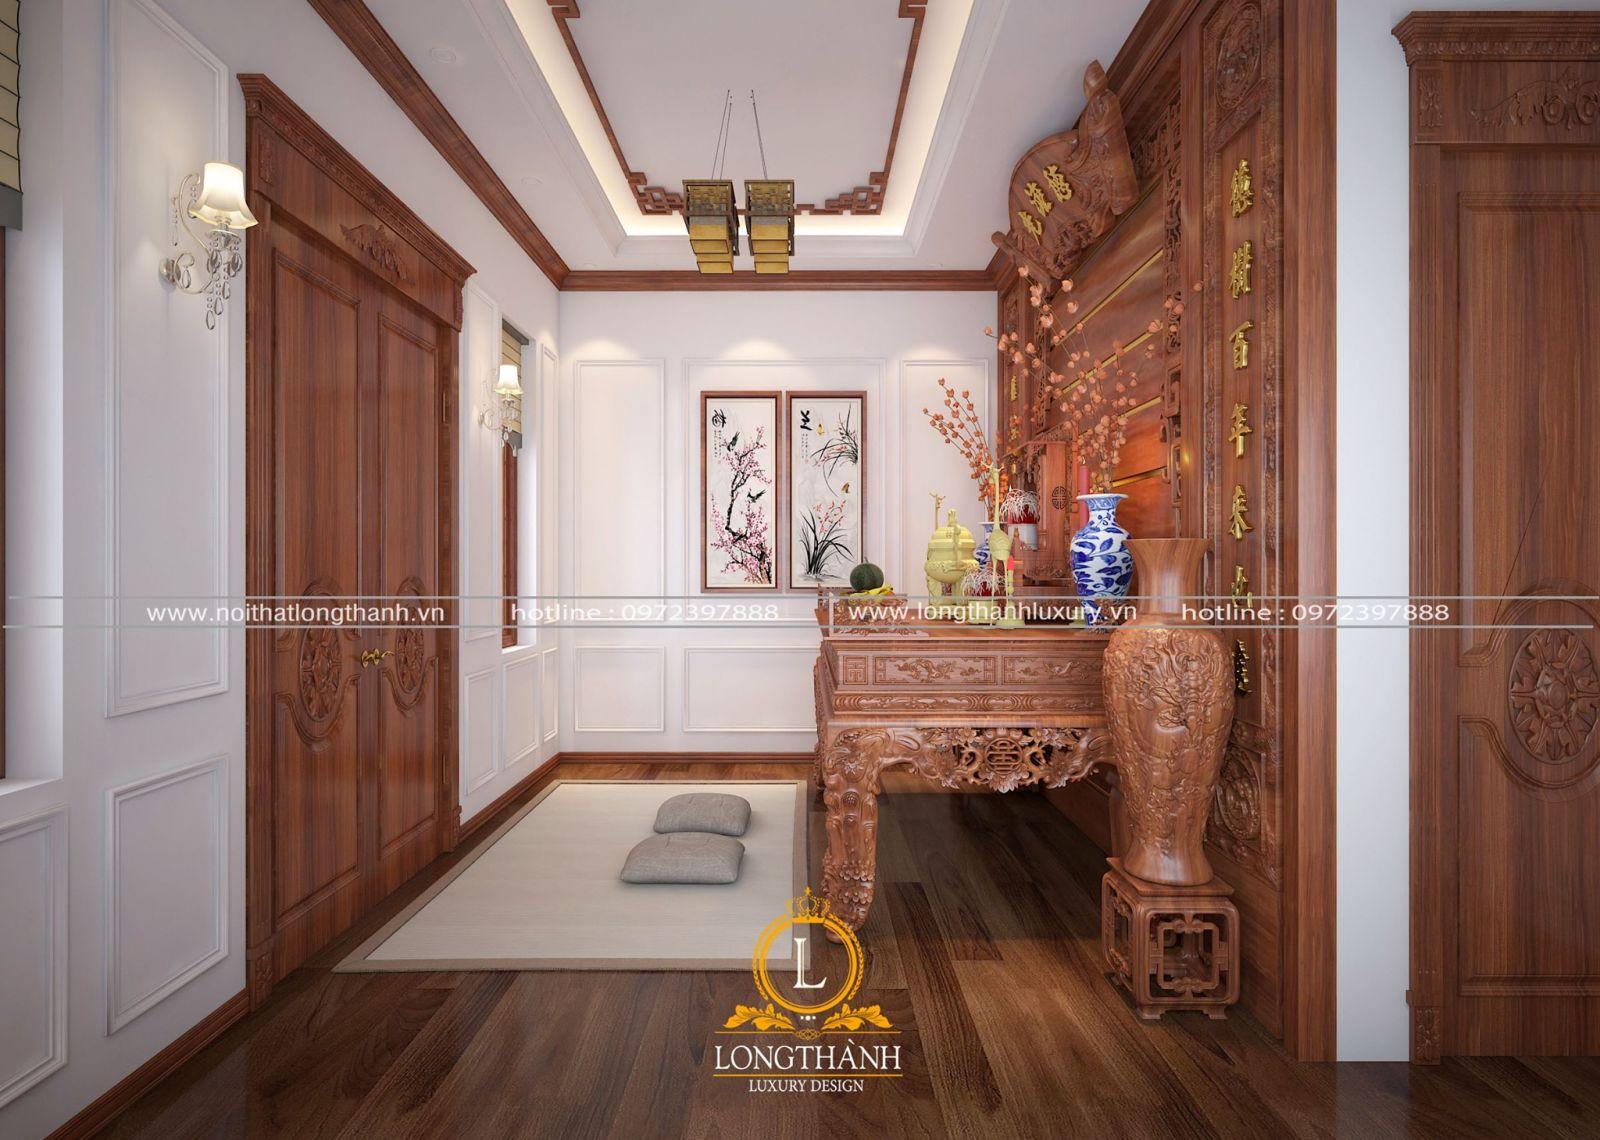 Lựa chọn nội thất gỗ tự nhiên phù hợp với diện tích phòng thờ biệt thự